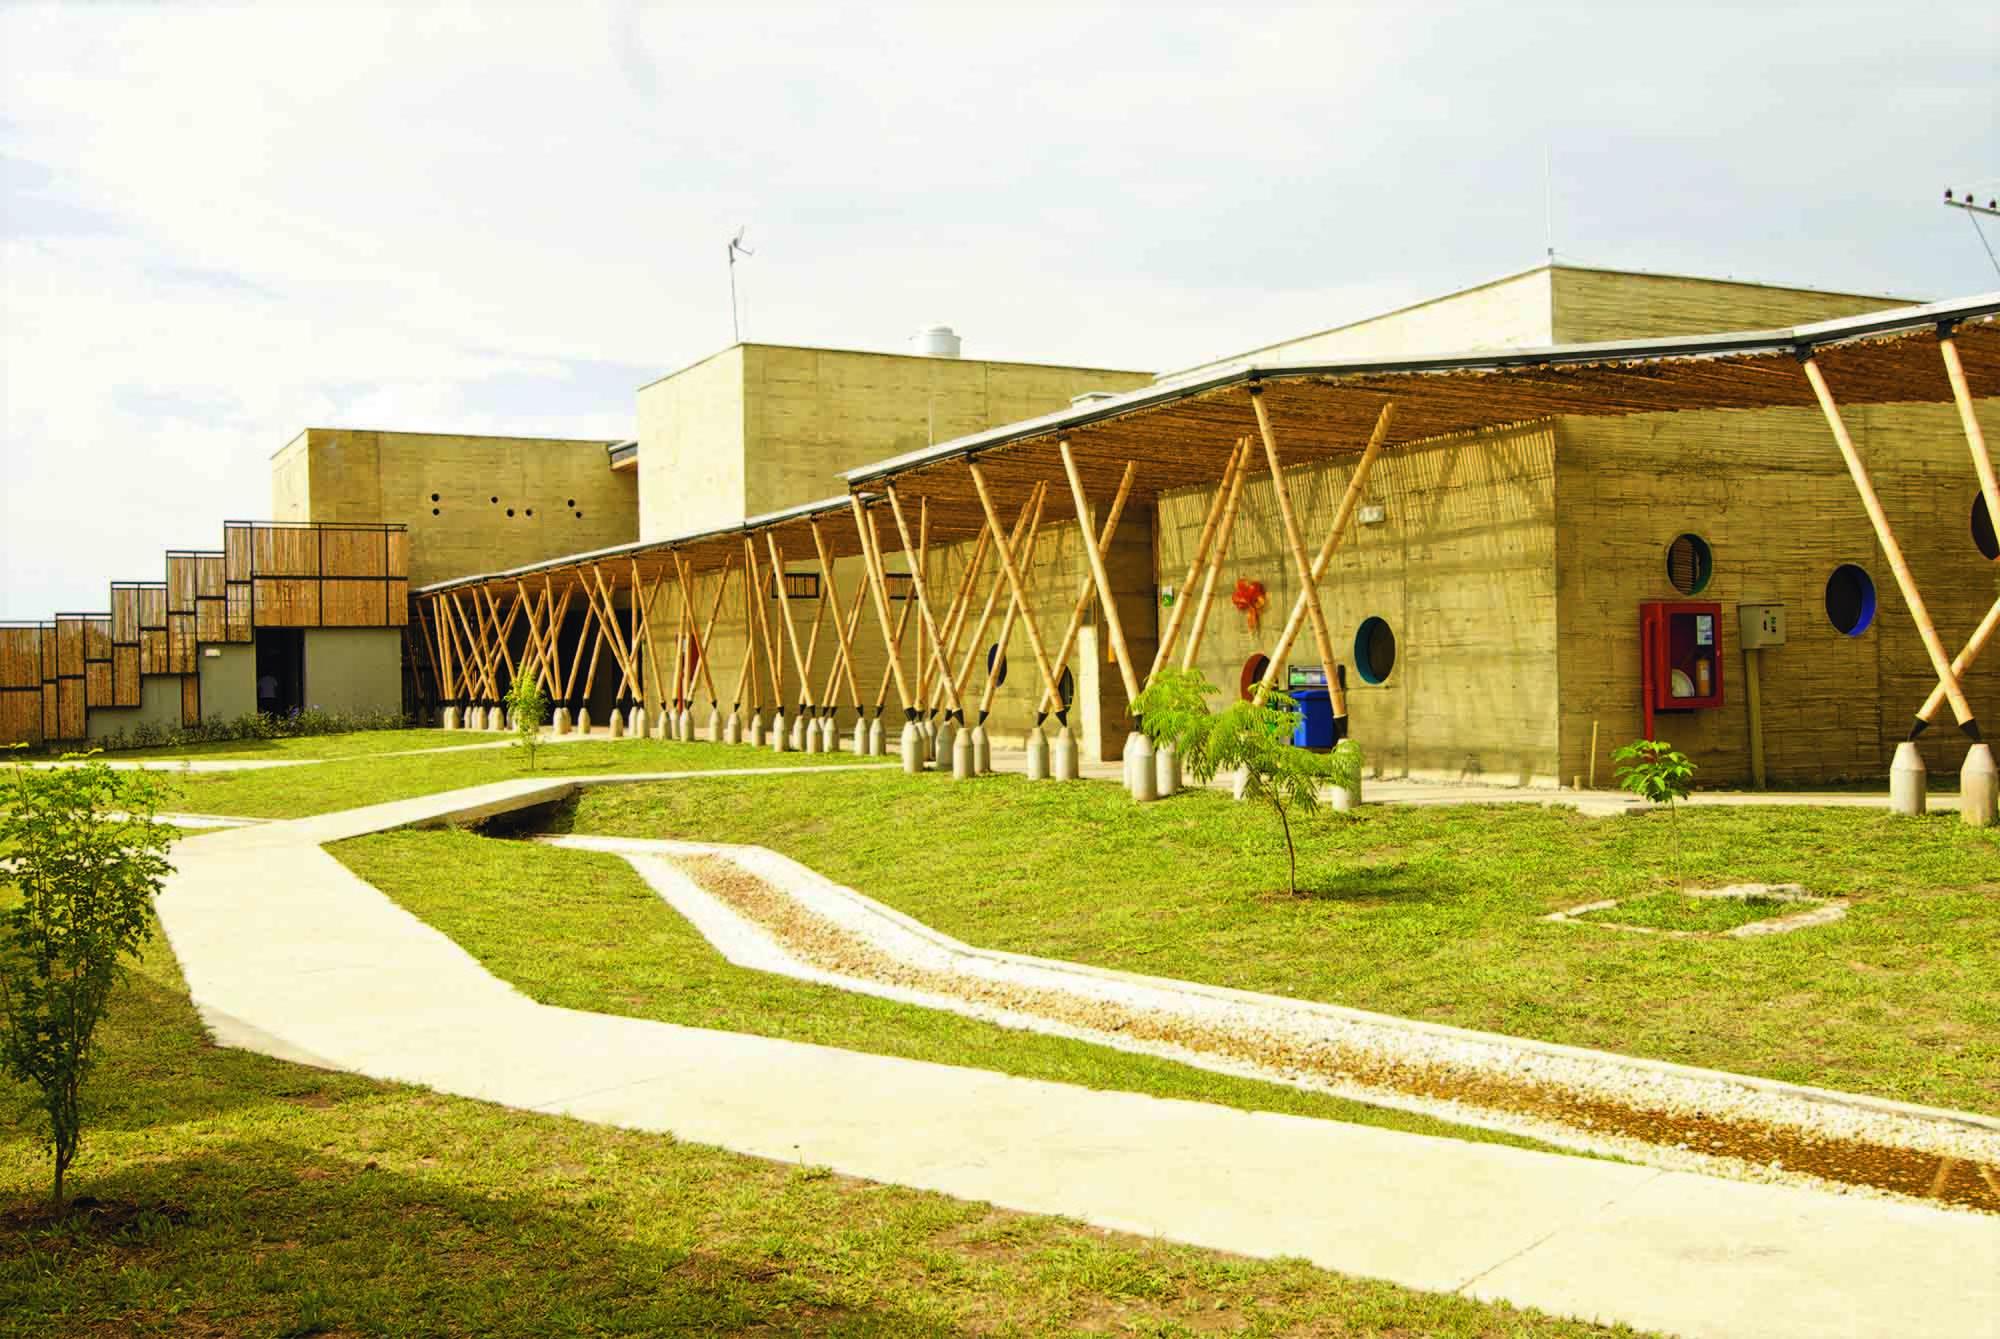 Centro de Desarrollo Infantil El Guadual. Image Cortesia de Iván Quiñones